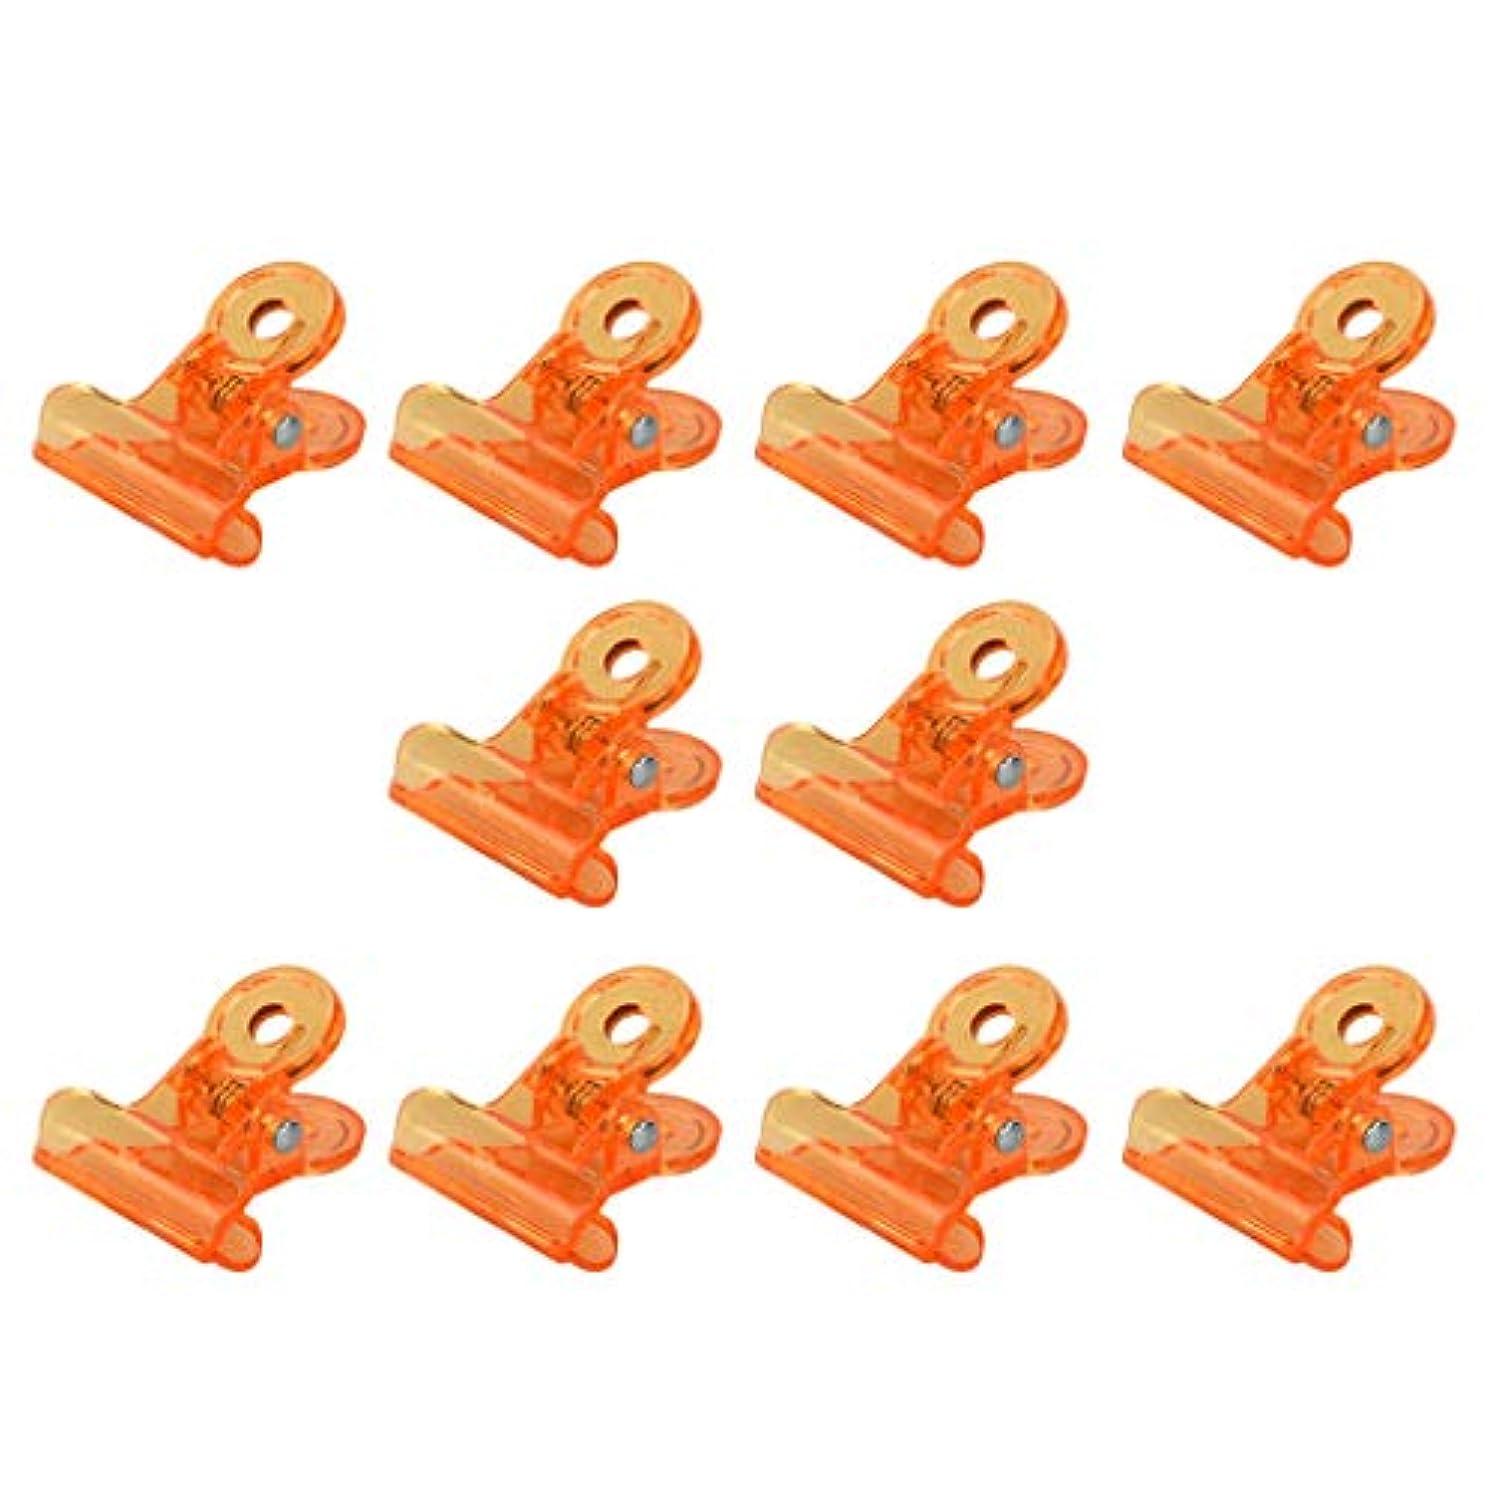 迷彩繁栄する欺SM SunniMix アクリル ネイルポリッシュリムーバー クリップ ネイルアート オフクリップ 10個セット 全4色 - オレンジ